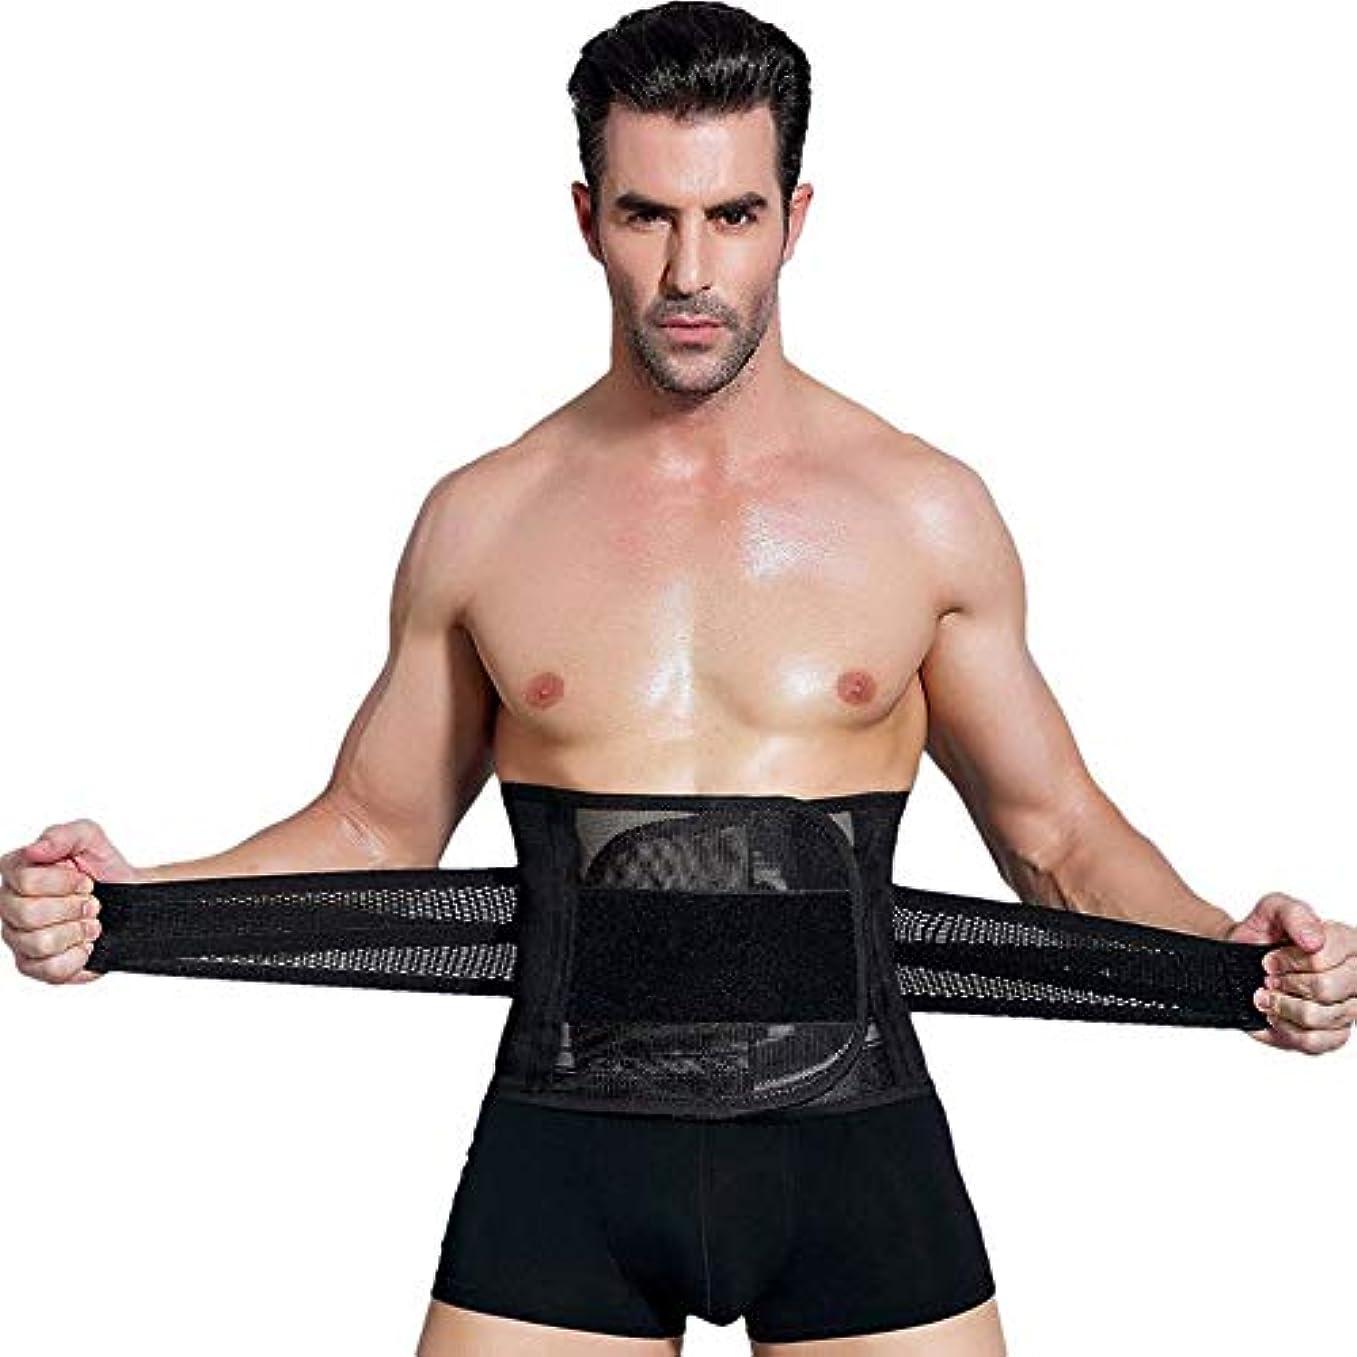 湖手数料弱点男性ボディシェイパーコルセット腹部おなかコントロールウエストトレーナーニッパー脂肪燃焼ガードル痩身腹ベルト用男性 - ブラックXXL